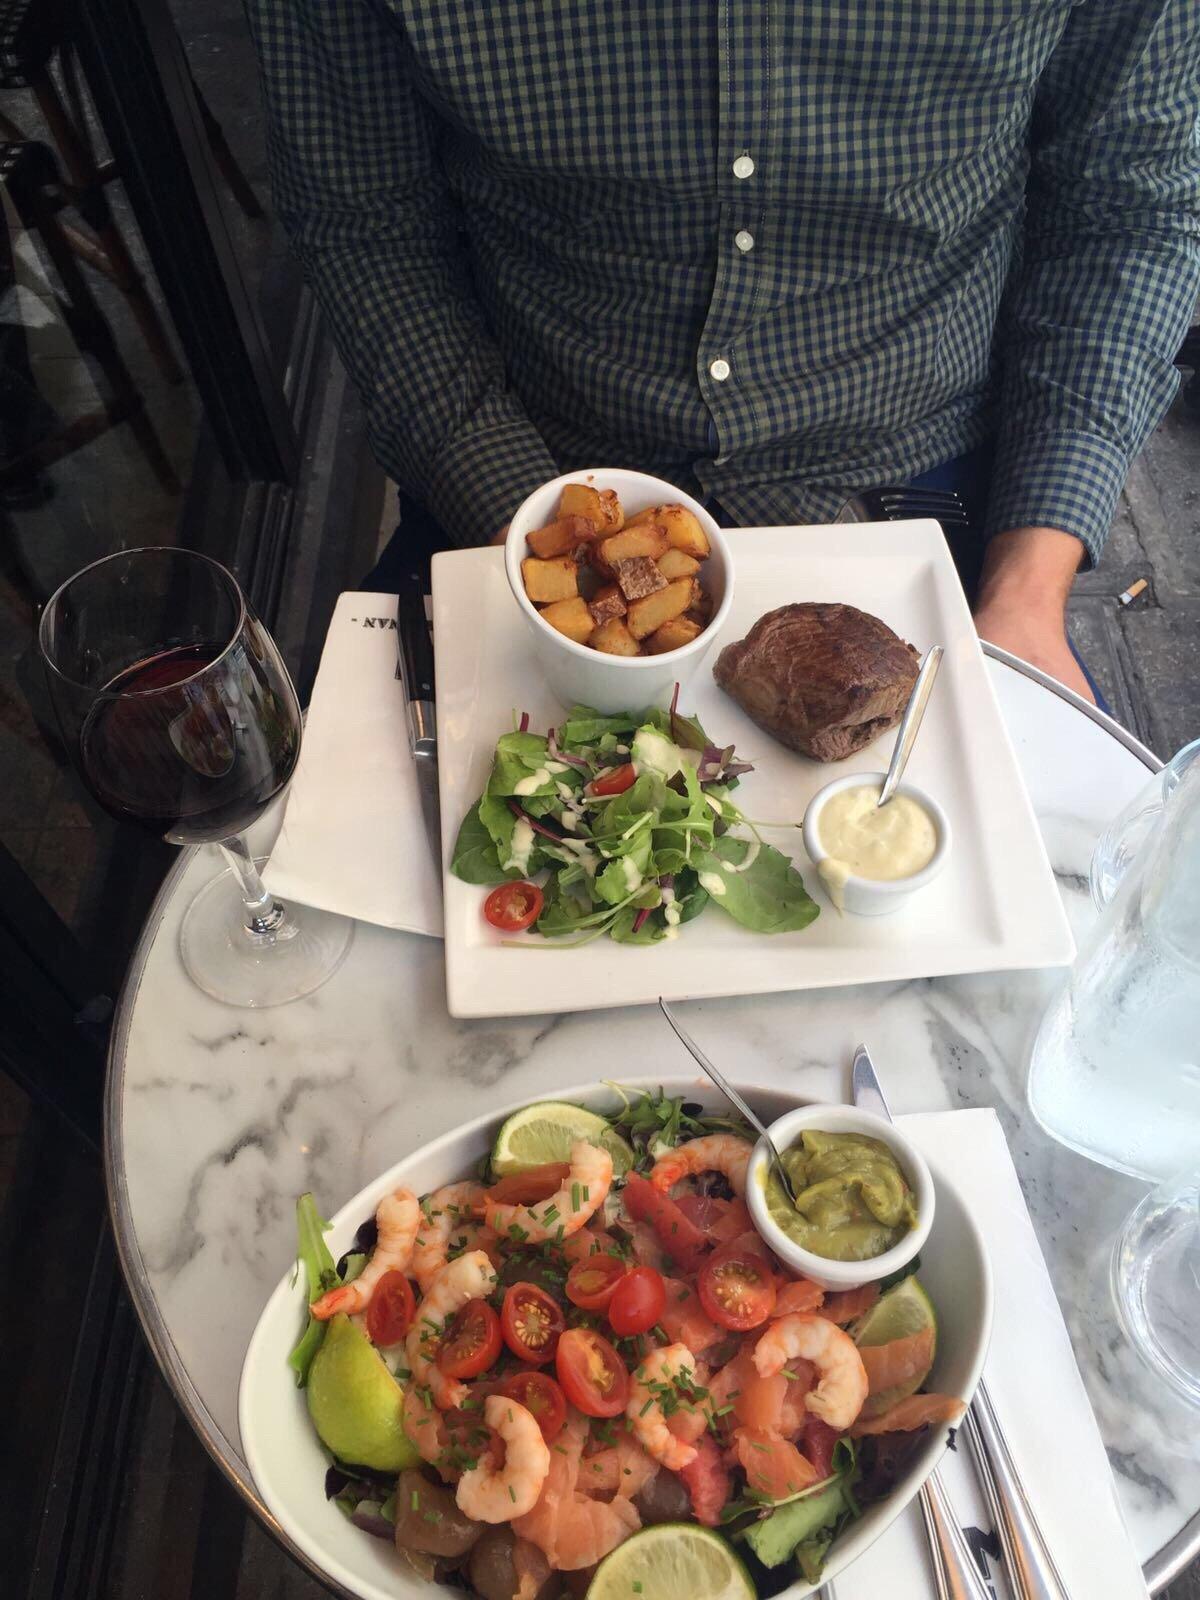 brasserie le marignan, paris - champs-Élysées - restaurant avis